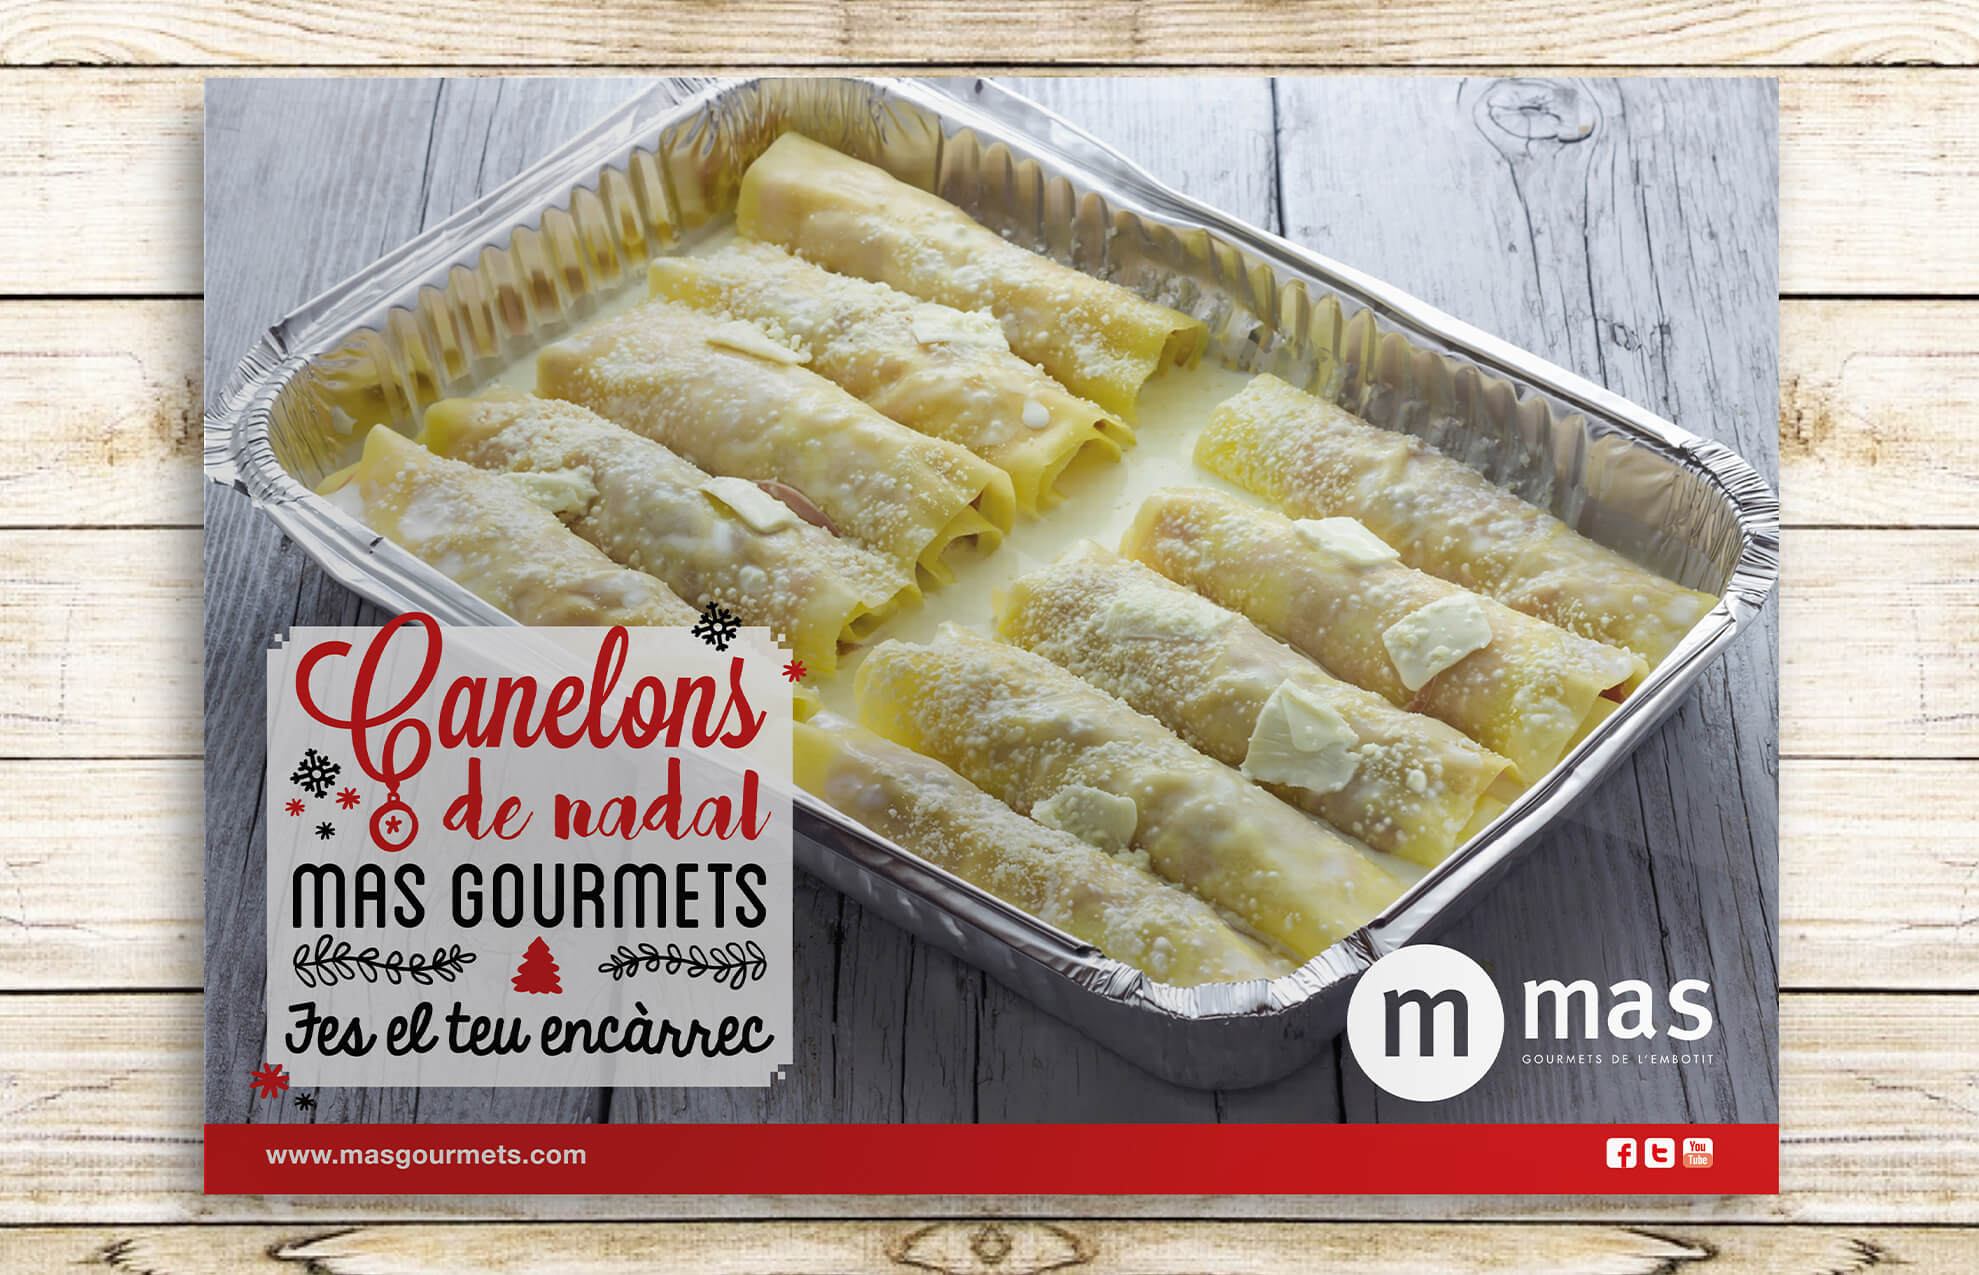 comunicacion productos alimentacion barcelona - ¿Y tú, con cuanto tiempo preparas tu campaña de Navidad?